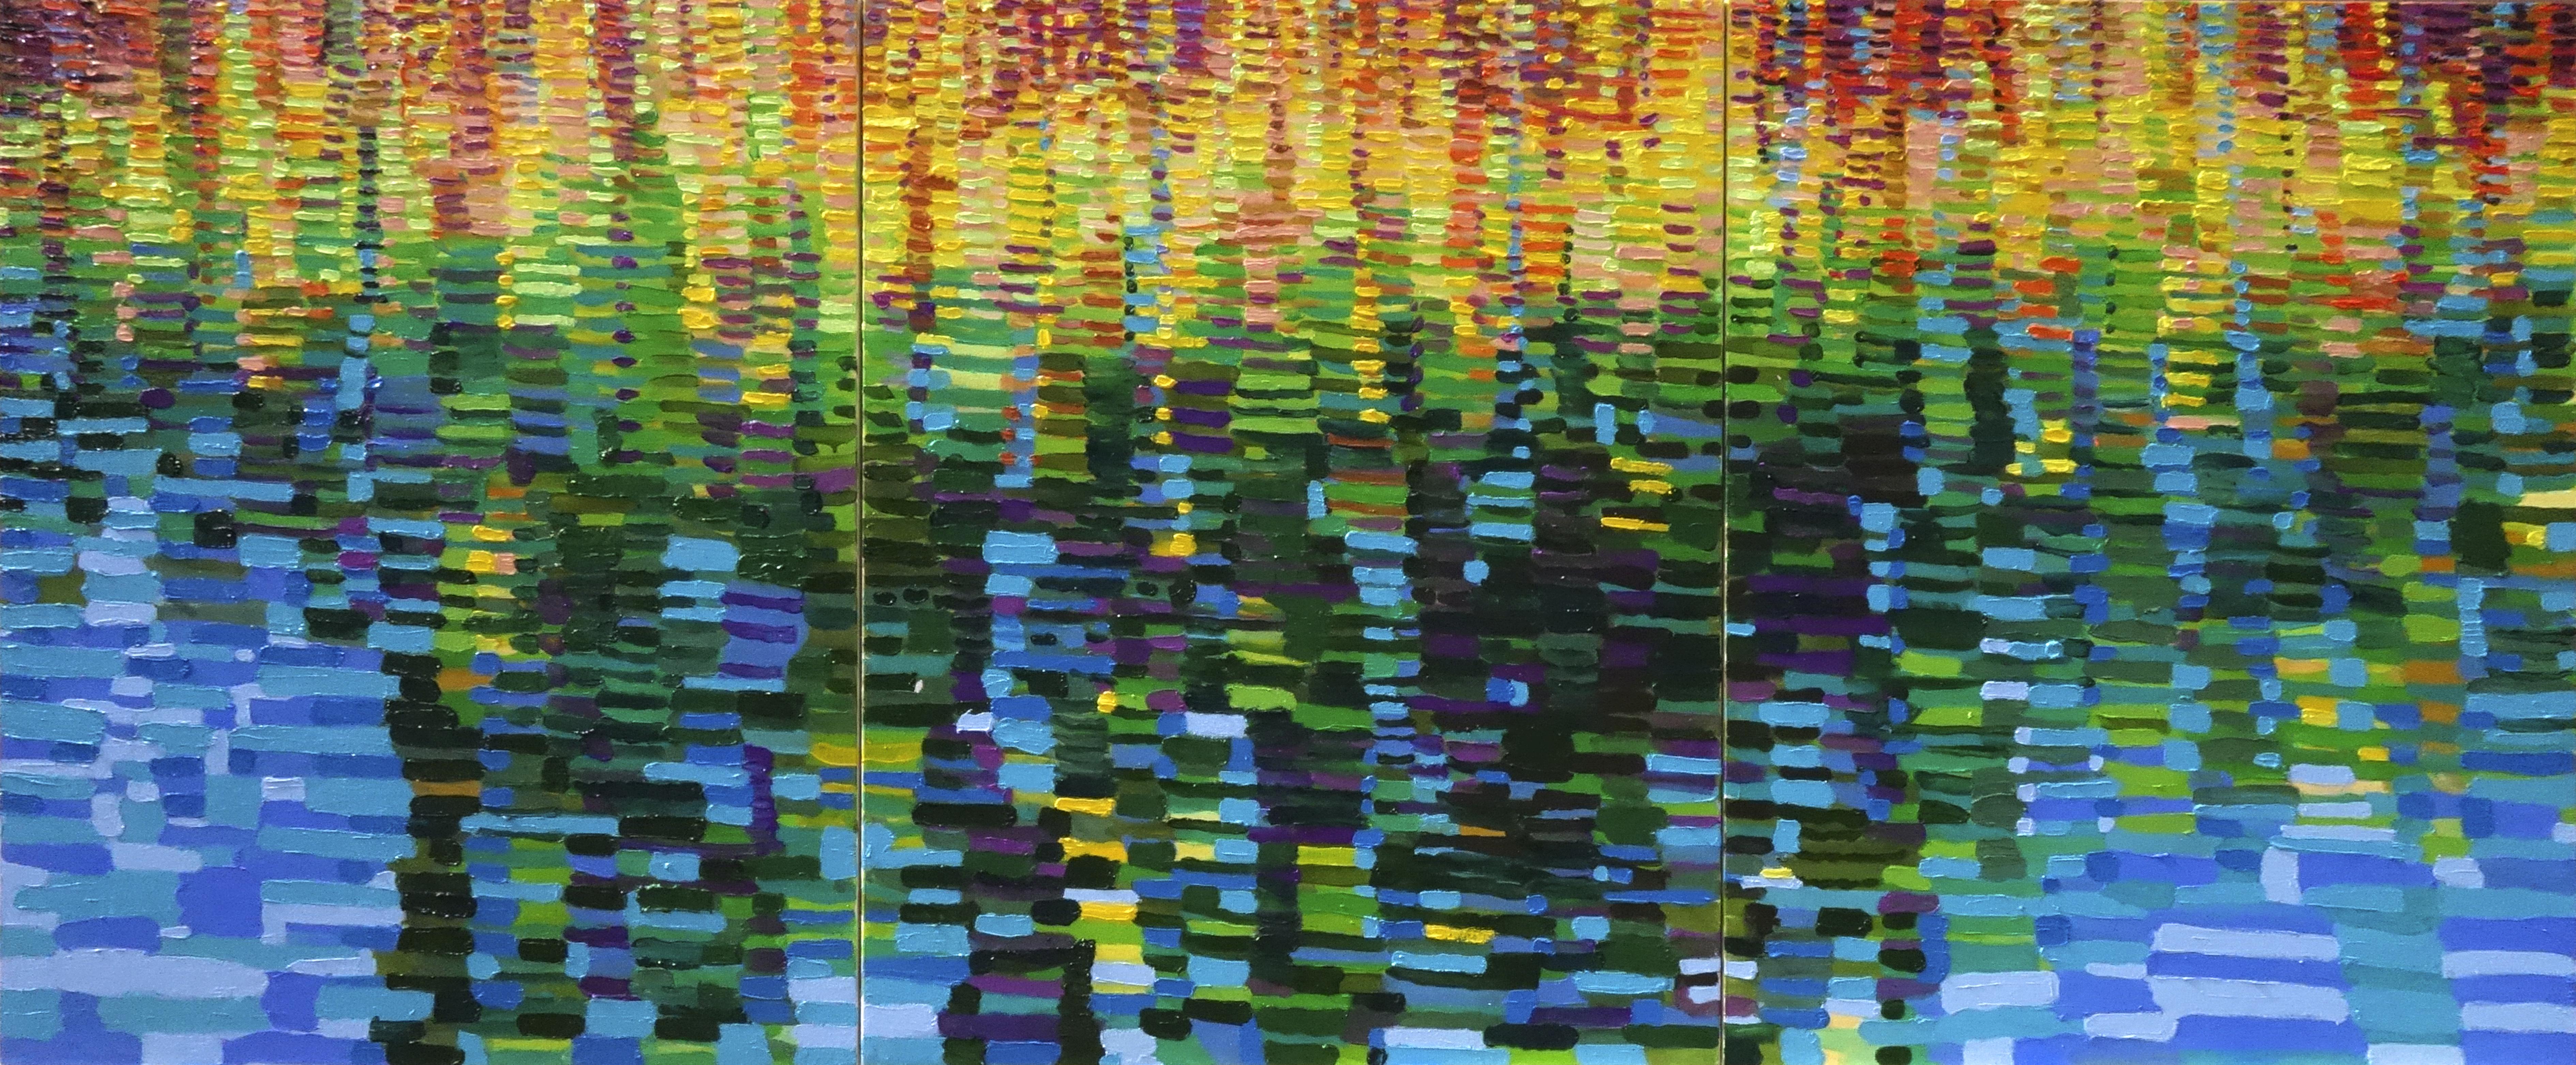 금사홍, Meditation Landscape-가산지_small